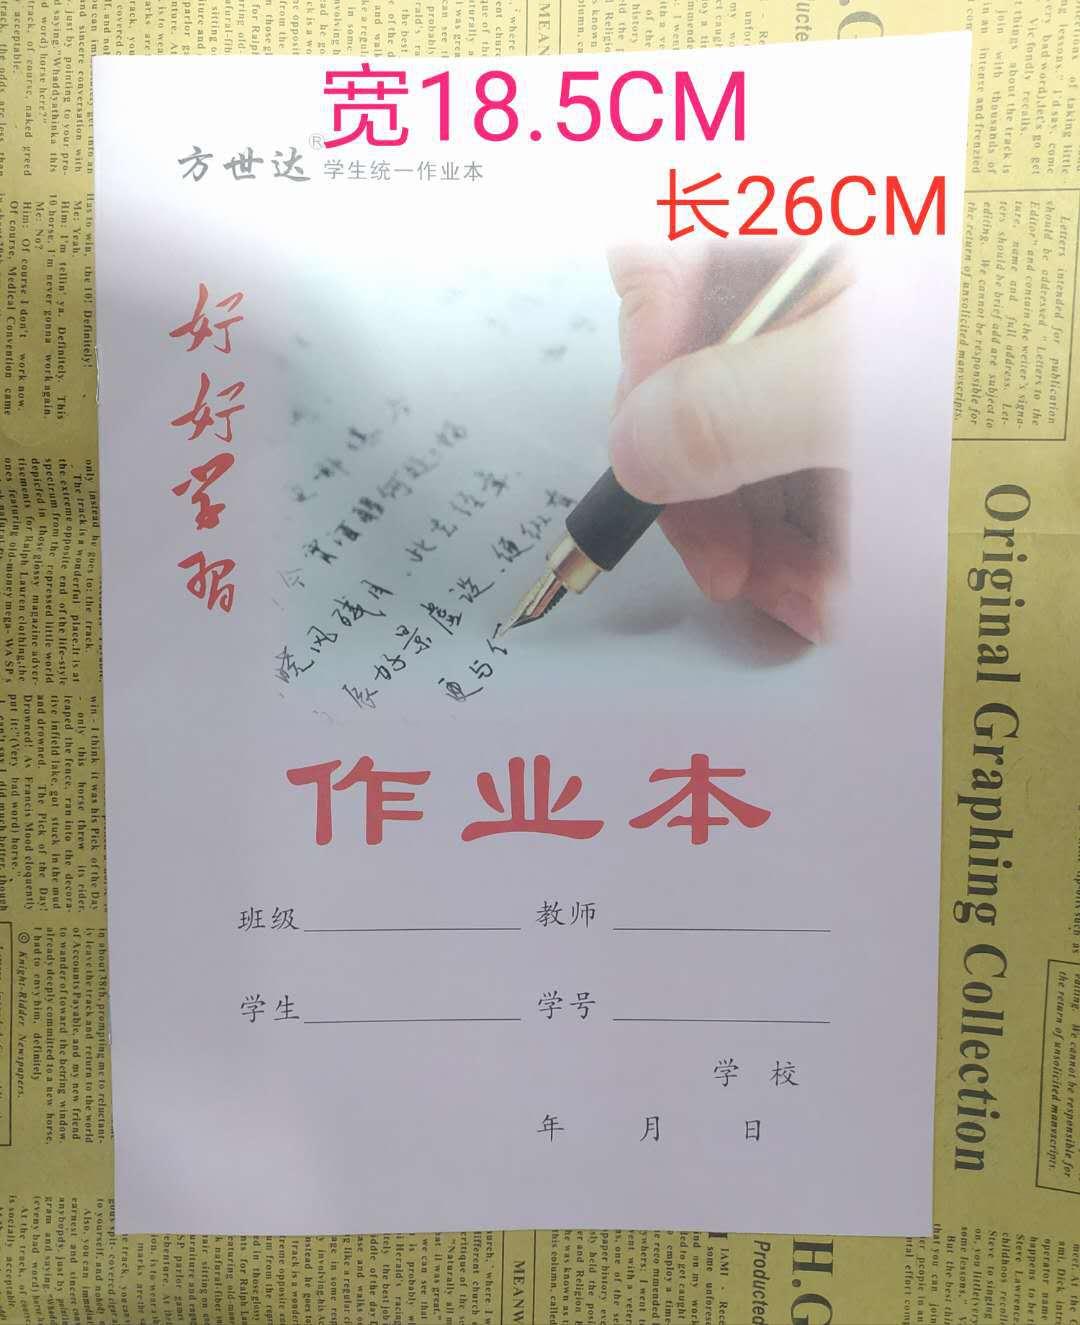 16K侧翻 双面使用练习本 学校统一作业本 英语数学作文图画本